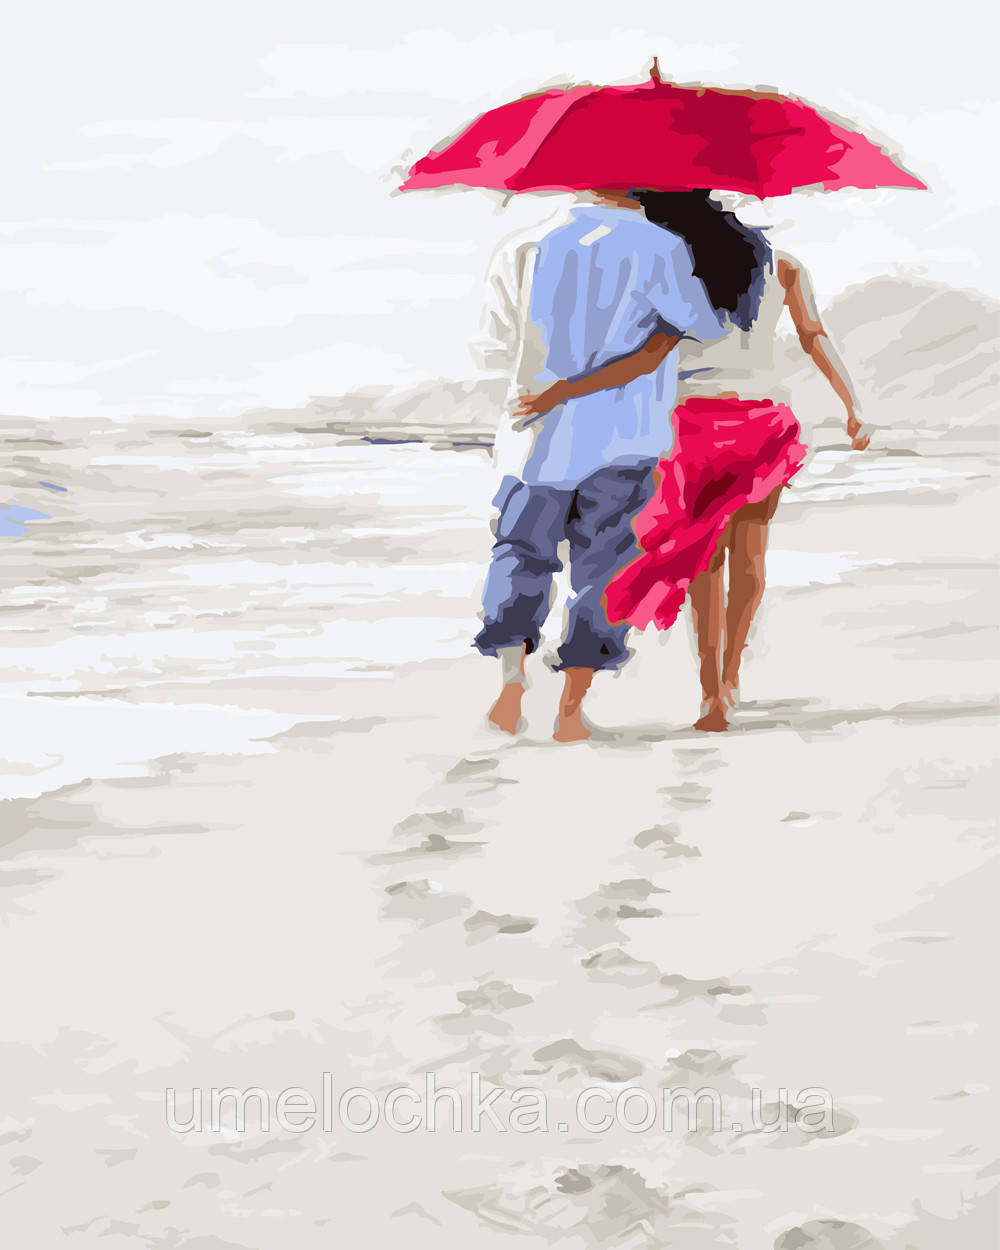 Картина по номерам Прогулка по белому песку (BK-GX23590) 40 х 50 см (Без коробки)